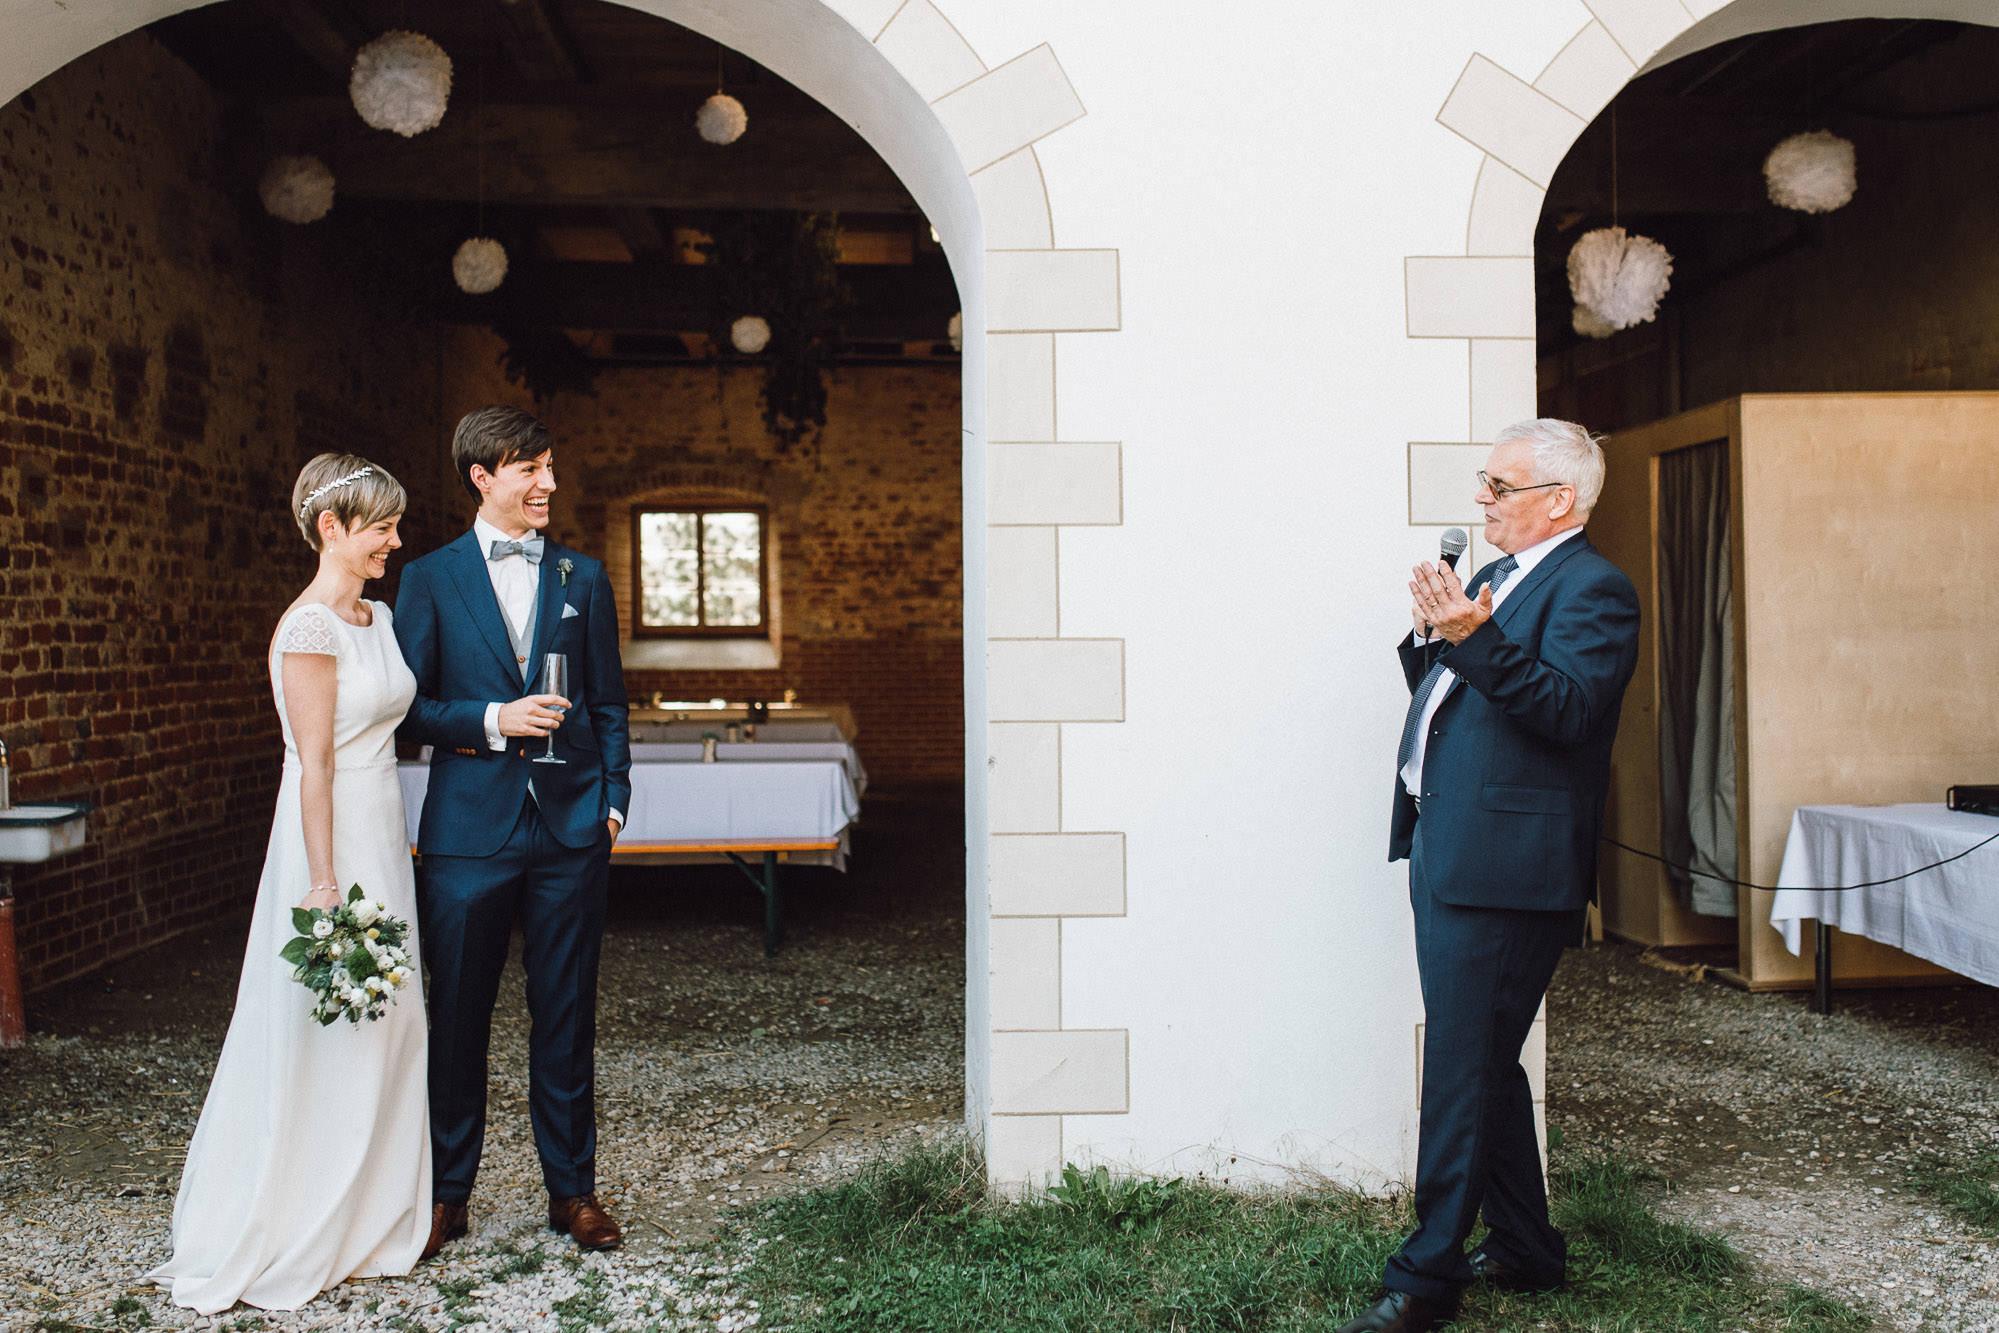 greenery-wedding-hochzeit-prielhof-sukkulenten-scheyern-lauraelenaphotography-068